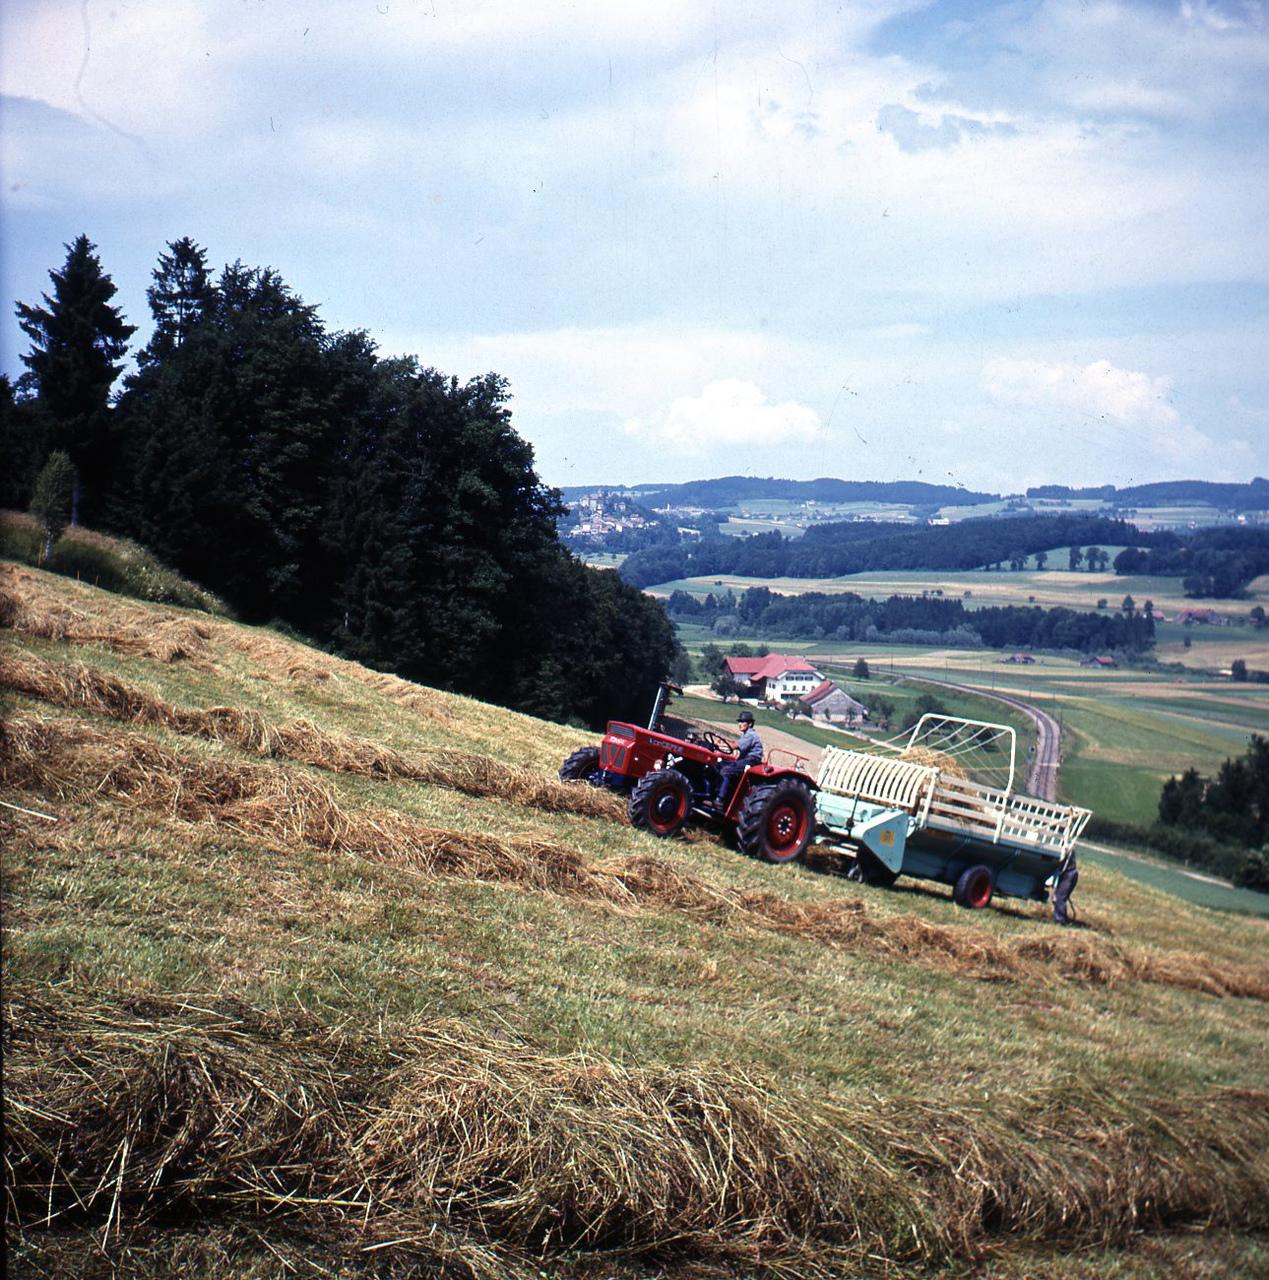 [SAME] trattore SAME Centauro durante della raccolta del fieno